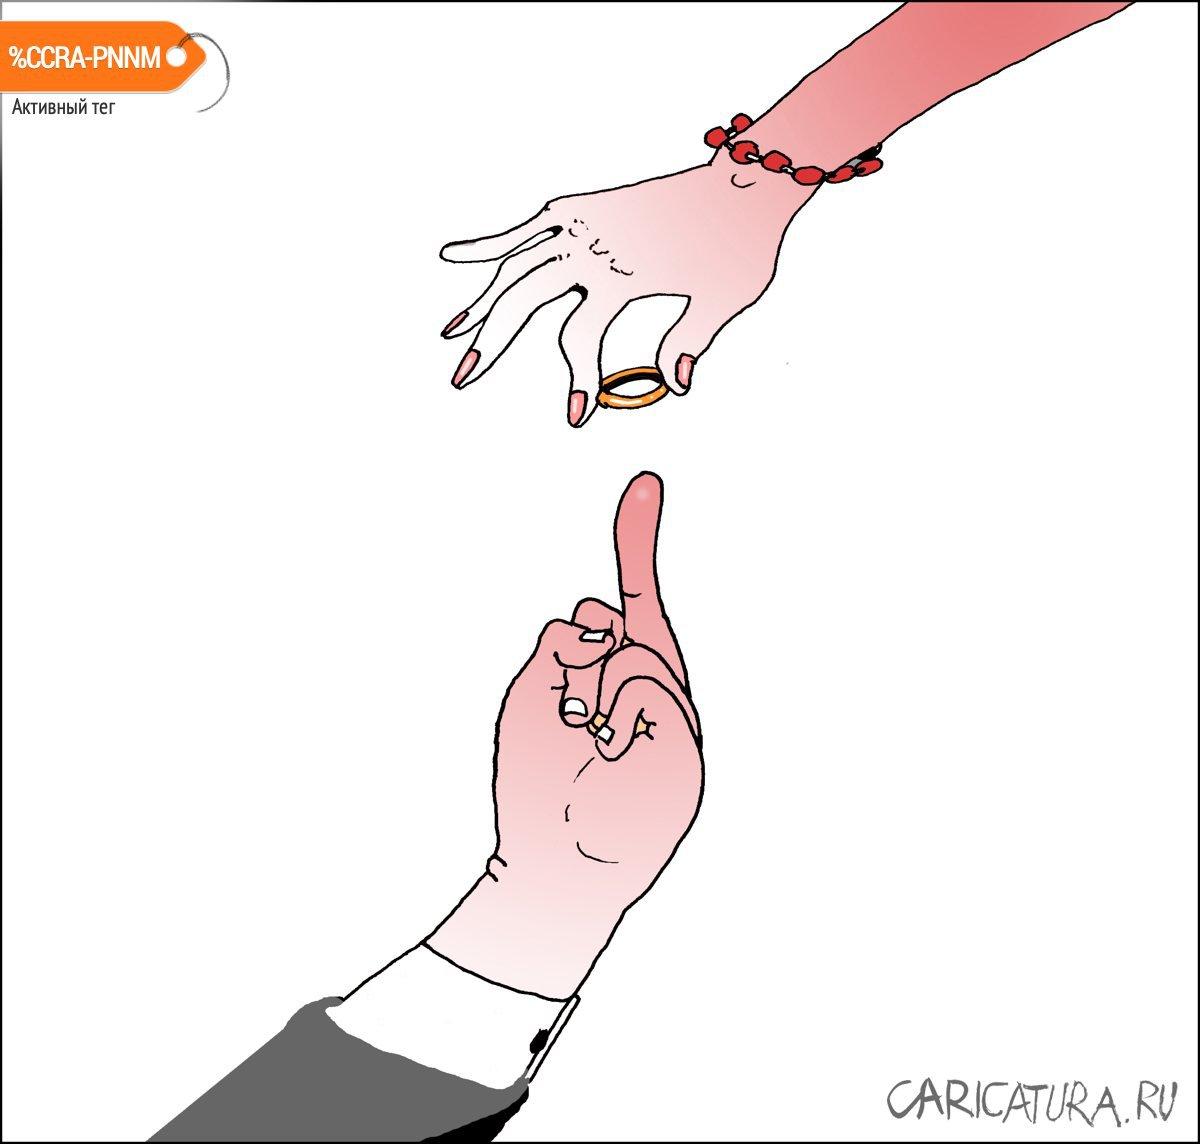 Обручальное кольцо, Александр Уваров